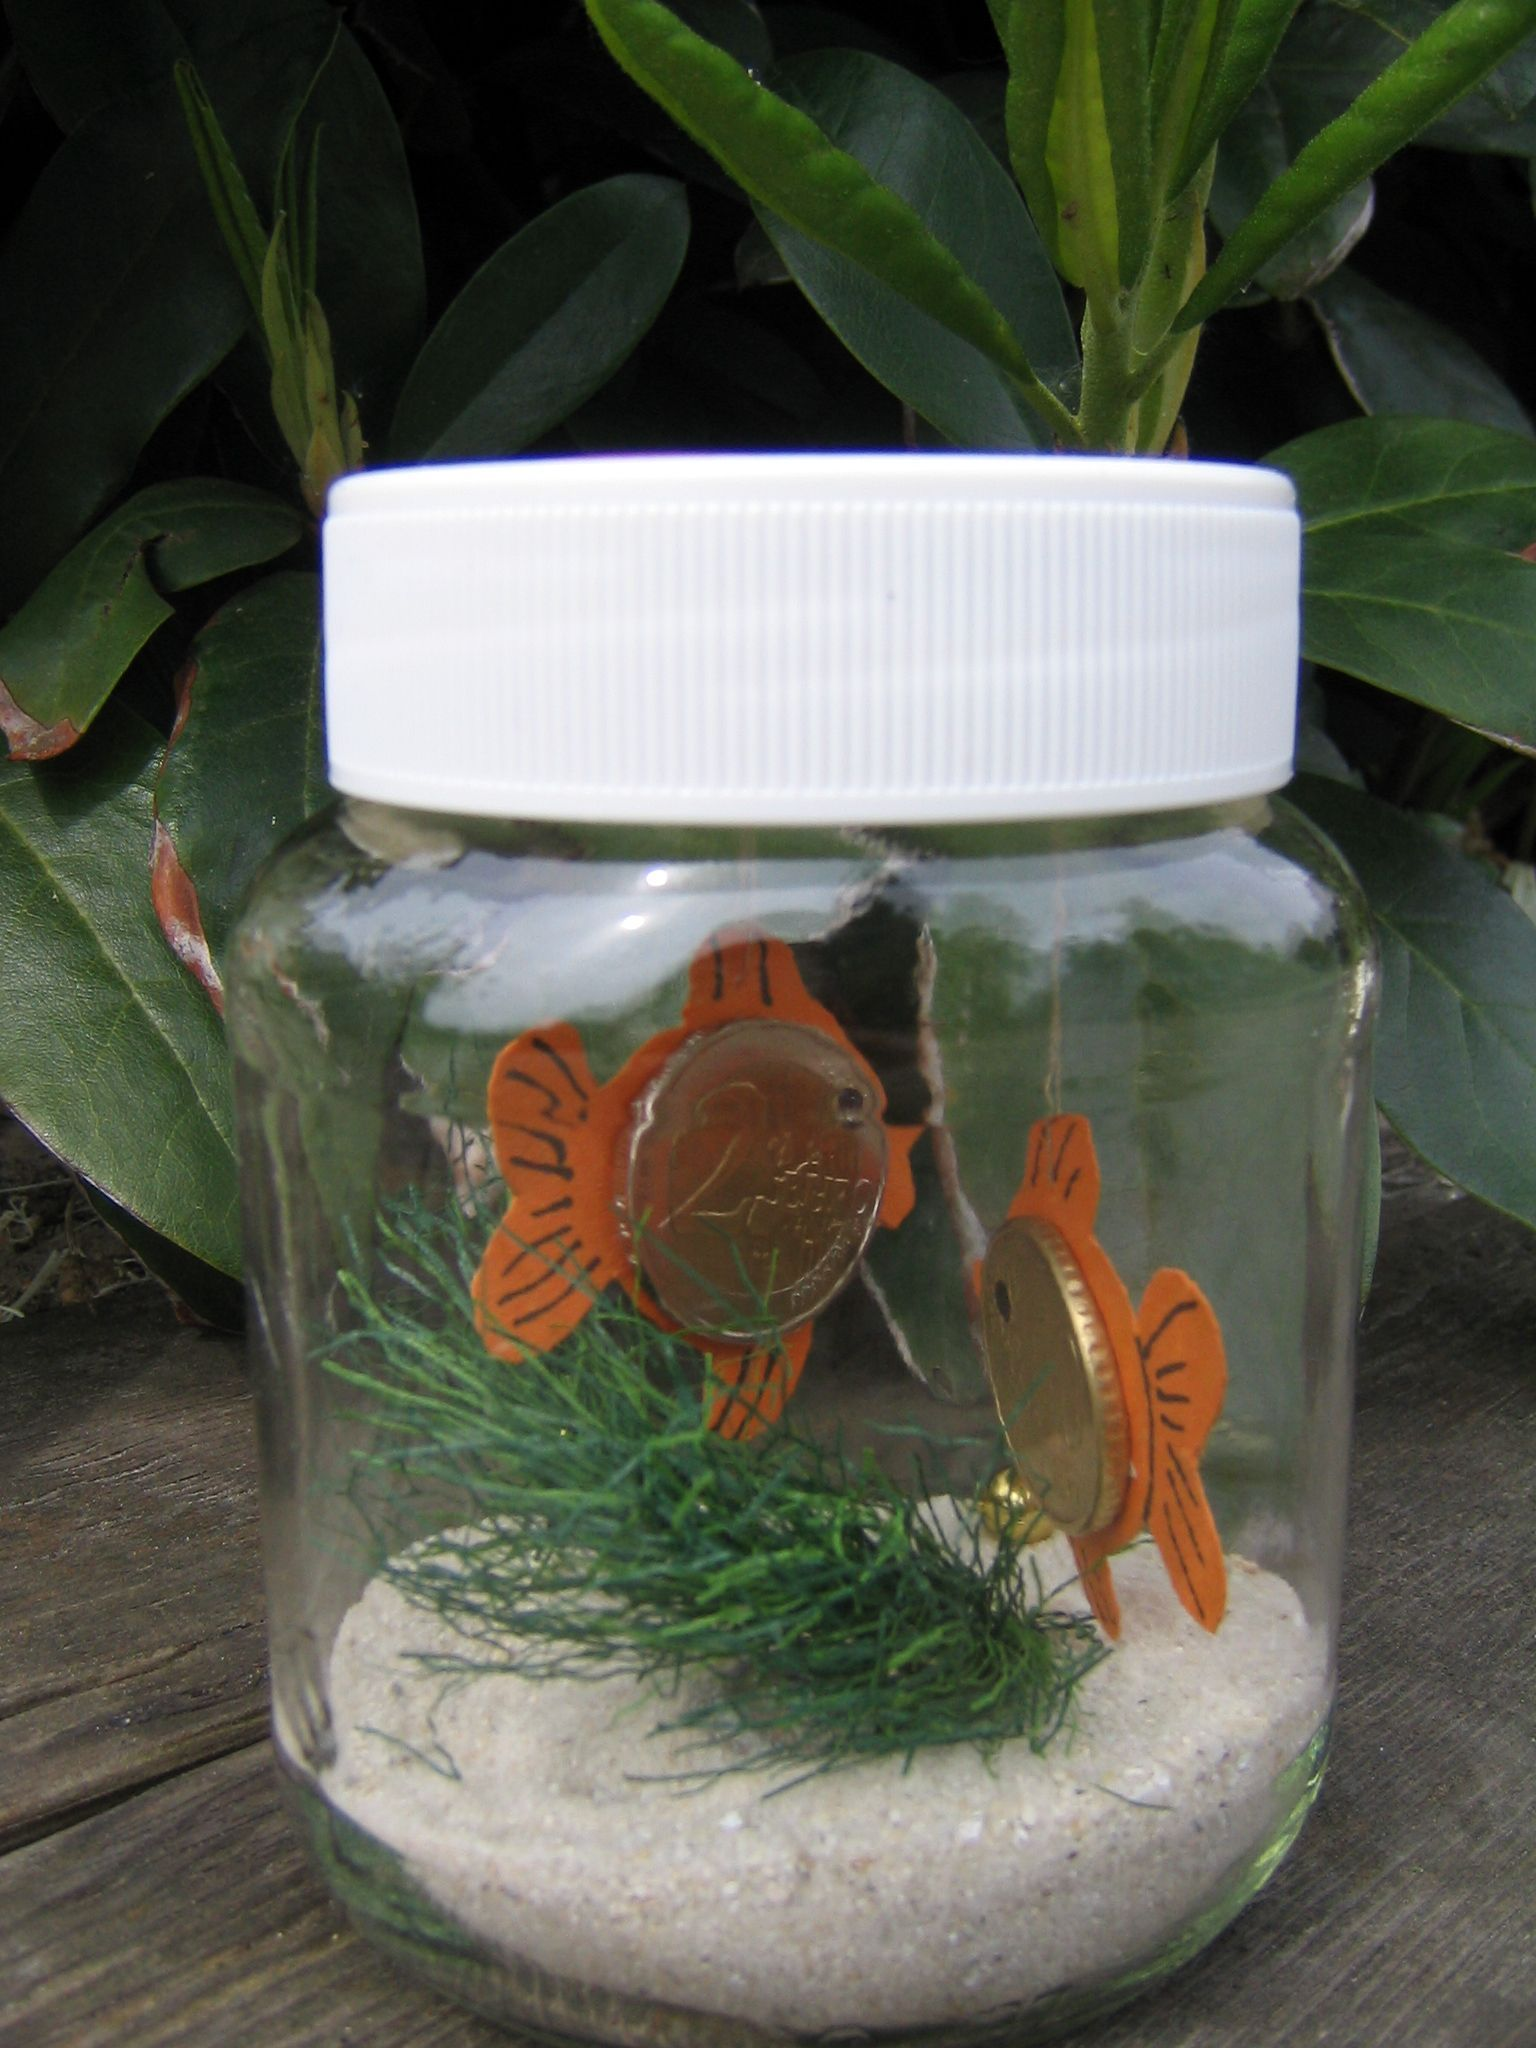 Geldfisch geldgeschenke basteln geldgeschenk ideen - Pinterest ideen ...